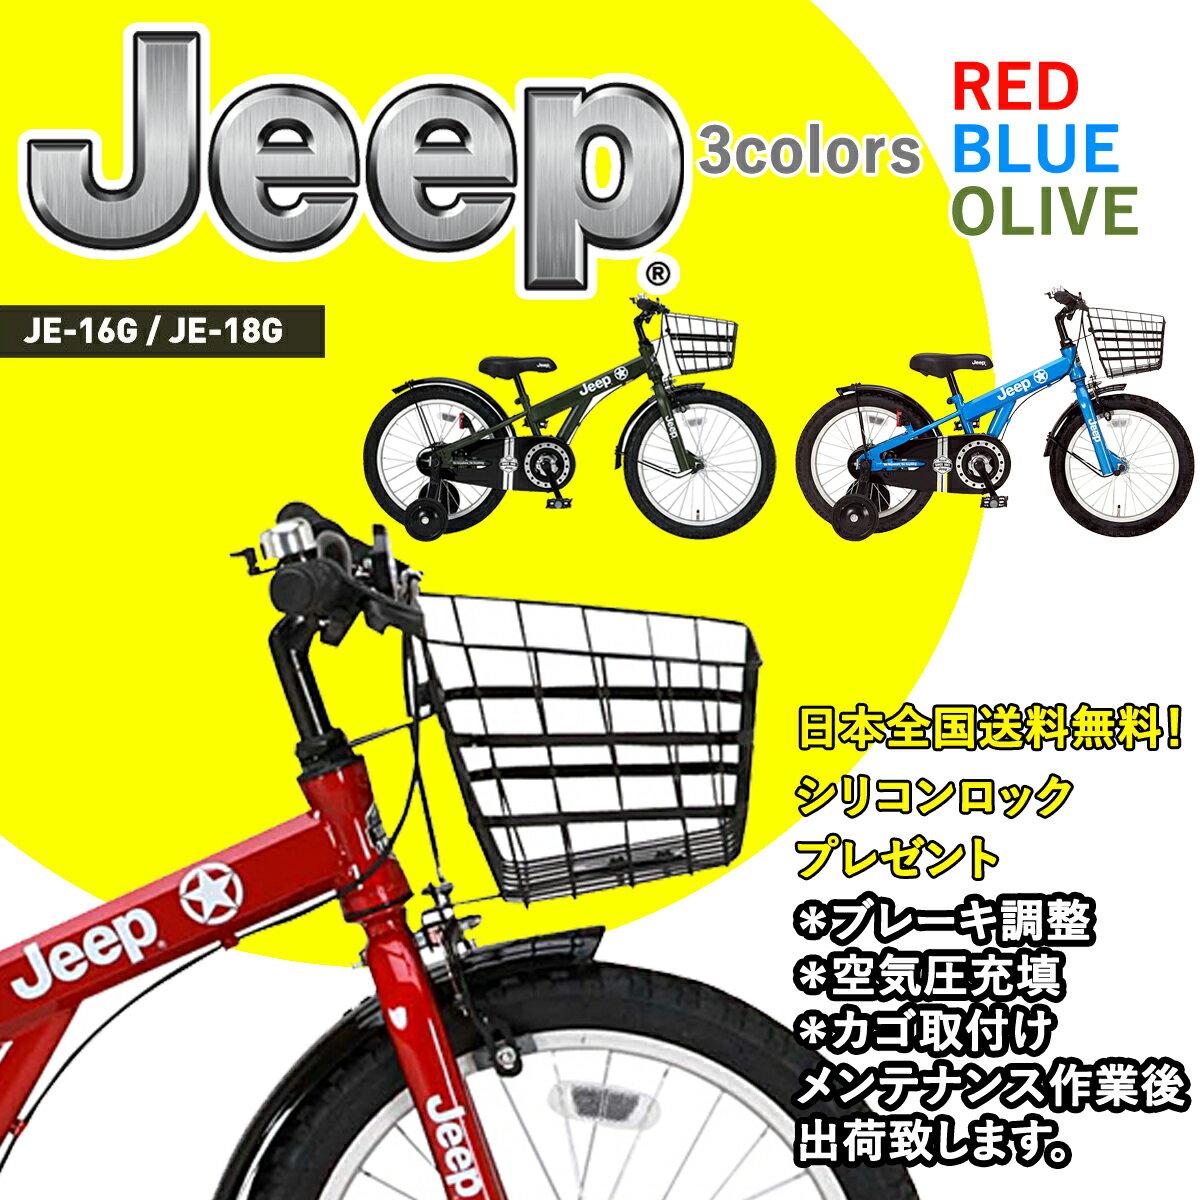 【送料無料】(沖縄県・離島は除く)16インチ 18インチ jeep 自転車 ジープ マウンテンバイク 子供用自転車 2017年モデル